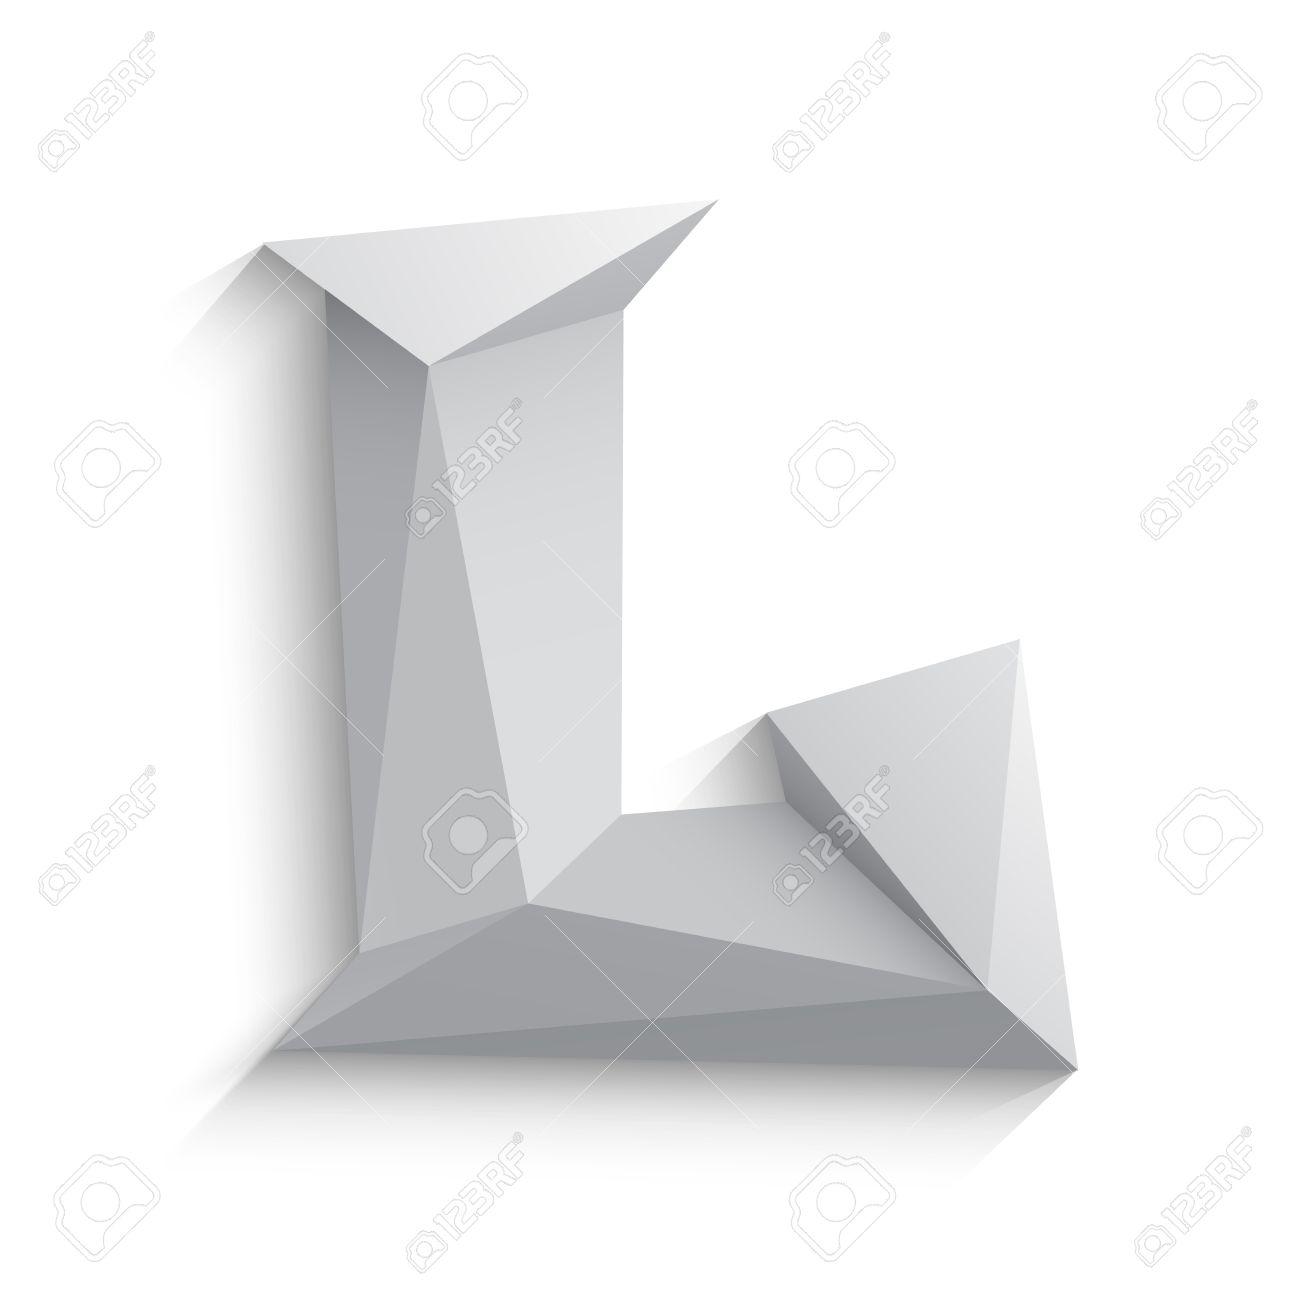 Ilustracion Vectorial De 3d Letra L En Fondo Blanco Diseno De Icono